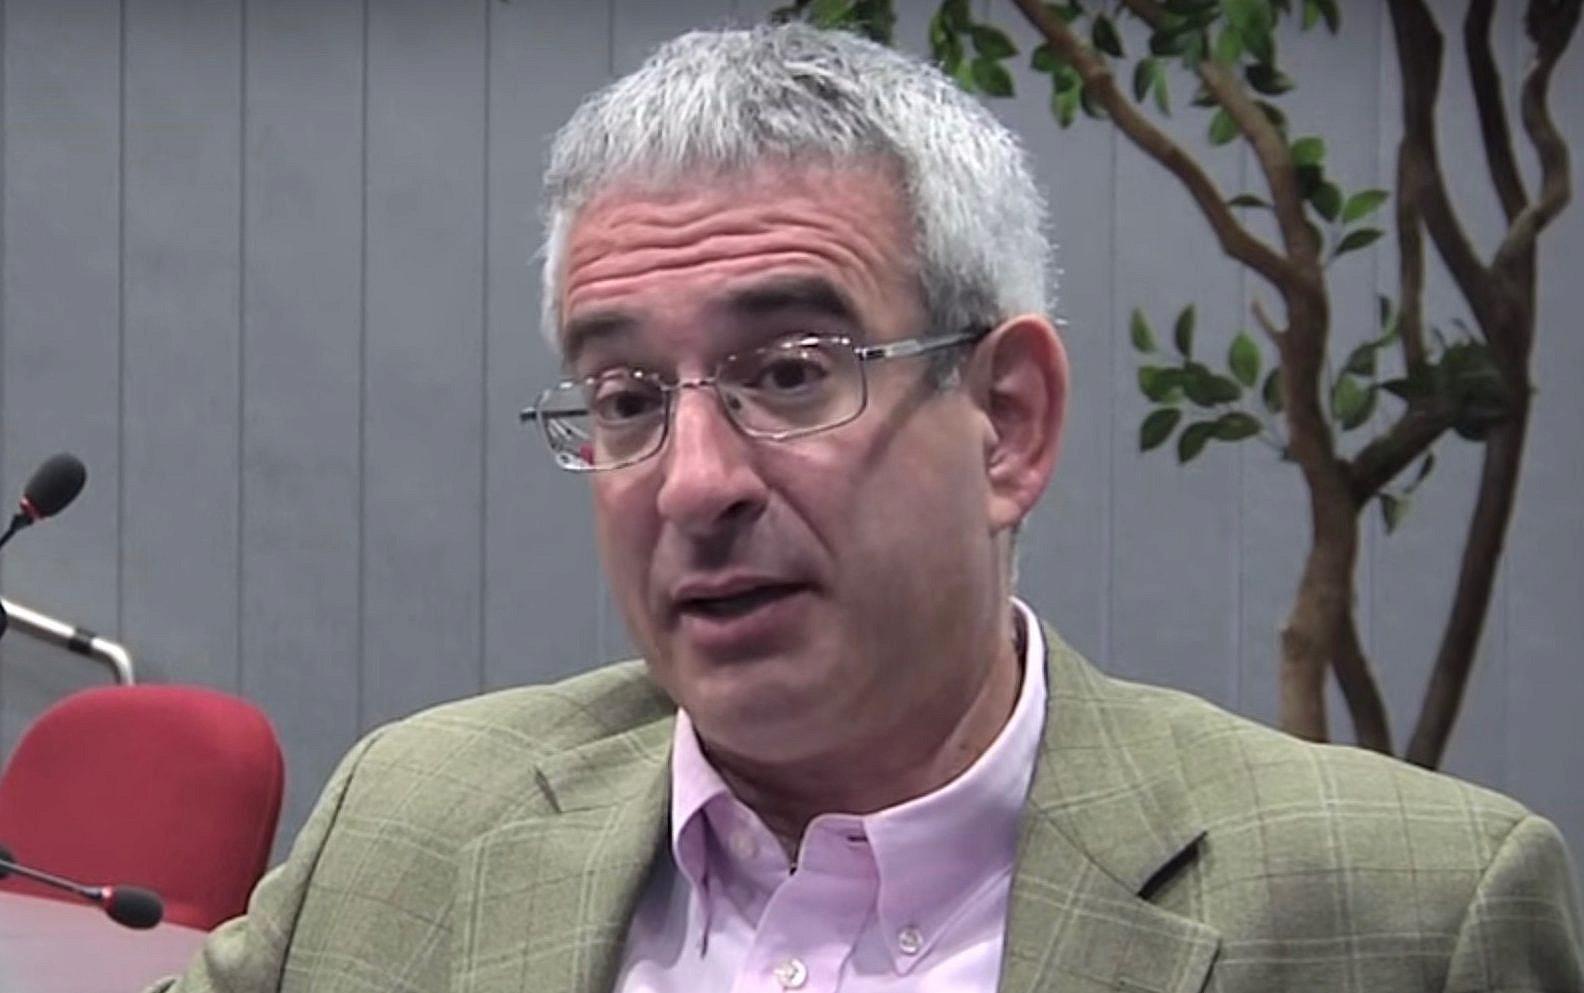 El economista israelí-estadounidense Joshua Angrist gana el Premio Nobel de Economía 2021